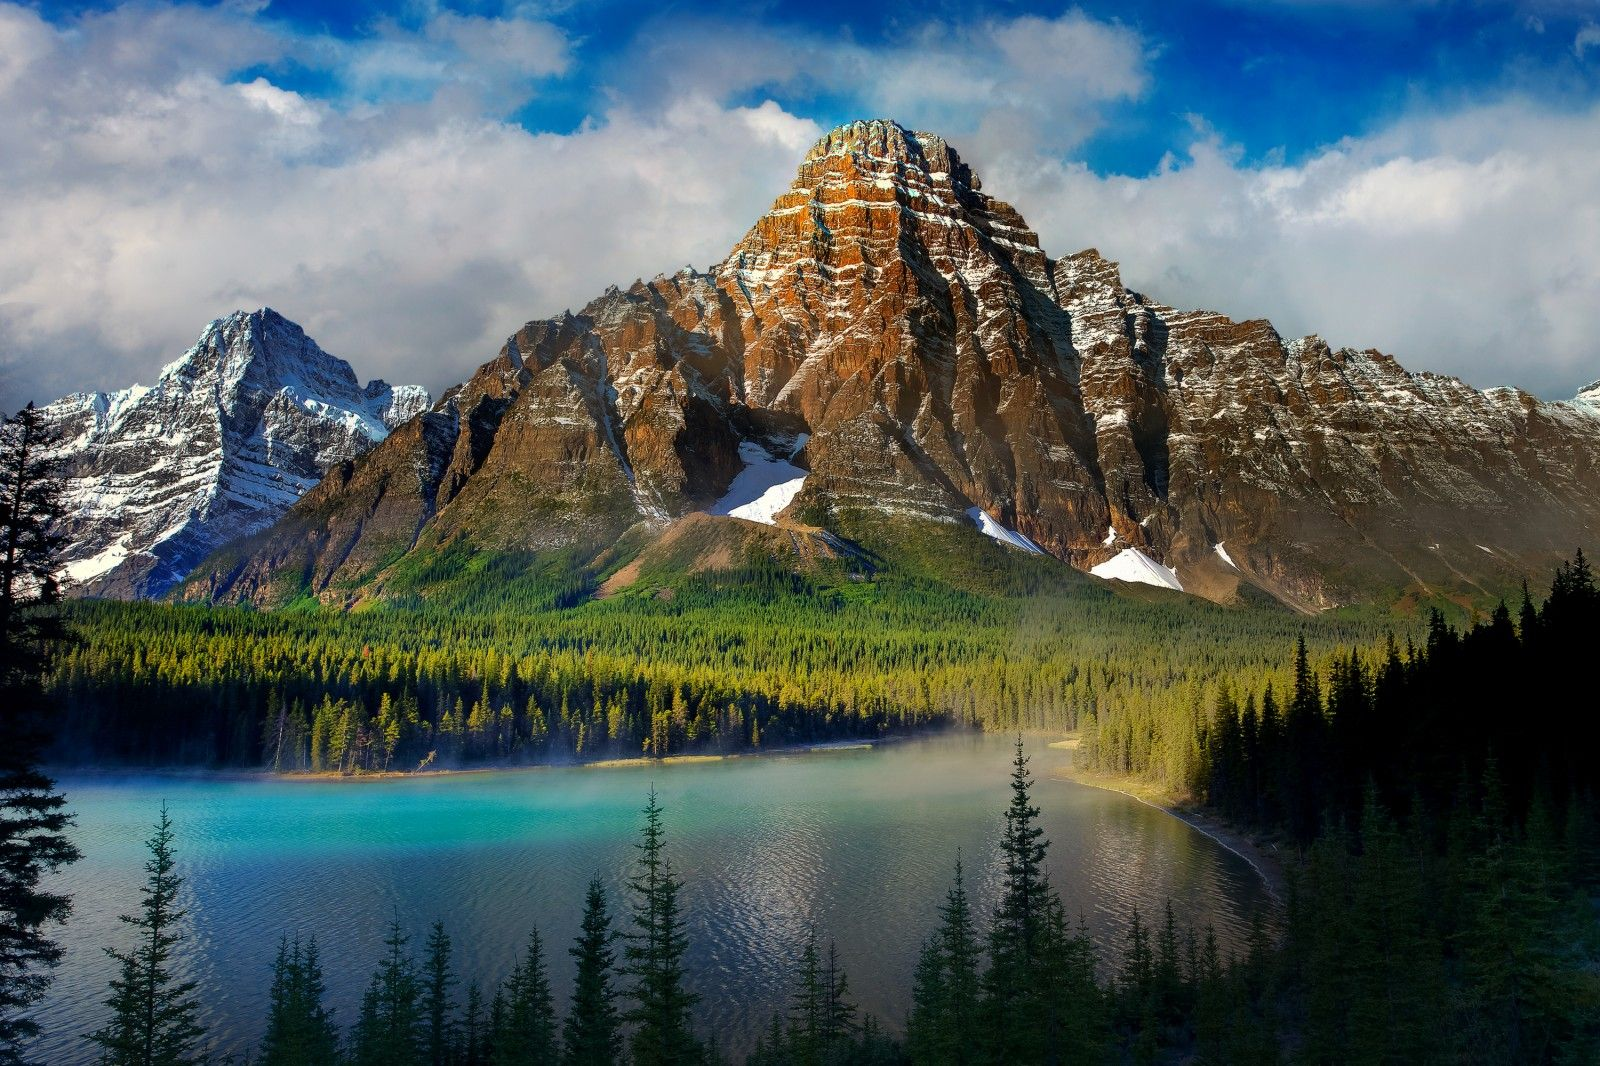 Beautiful Scenery Mountains Lake Nature Nature Wallpaper Scenery Wallpaper Scenery